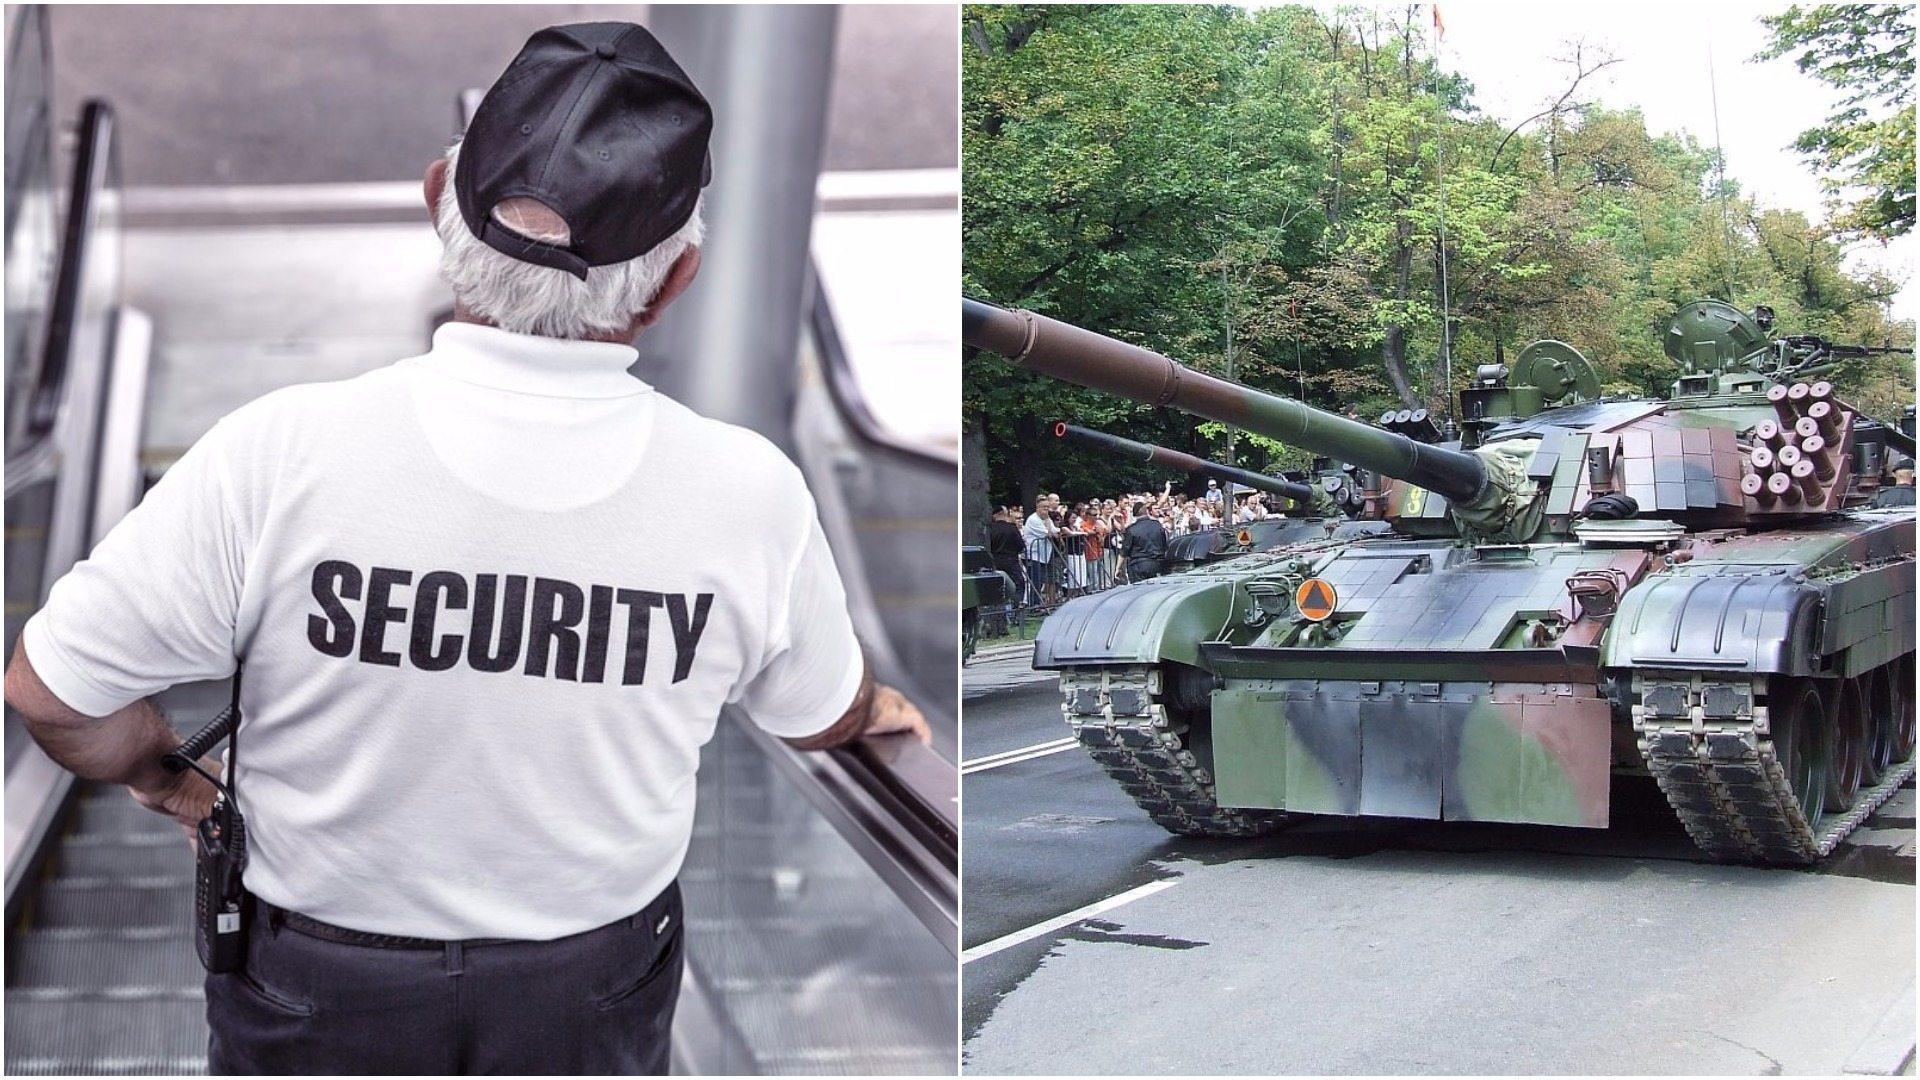 To jakiś żart? W Toruniu wojskowy oddział ochraniali wartownicy... bez broni